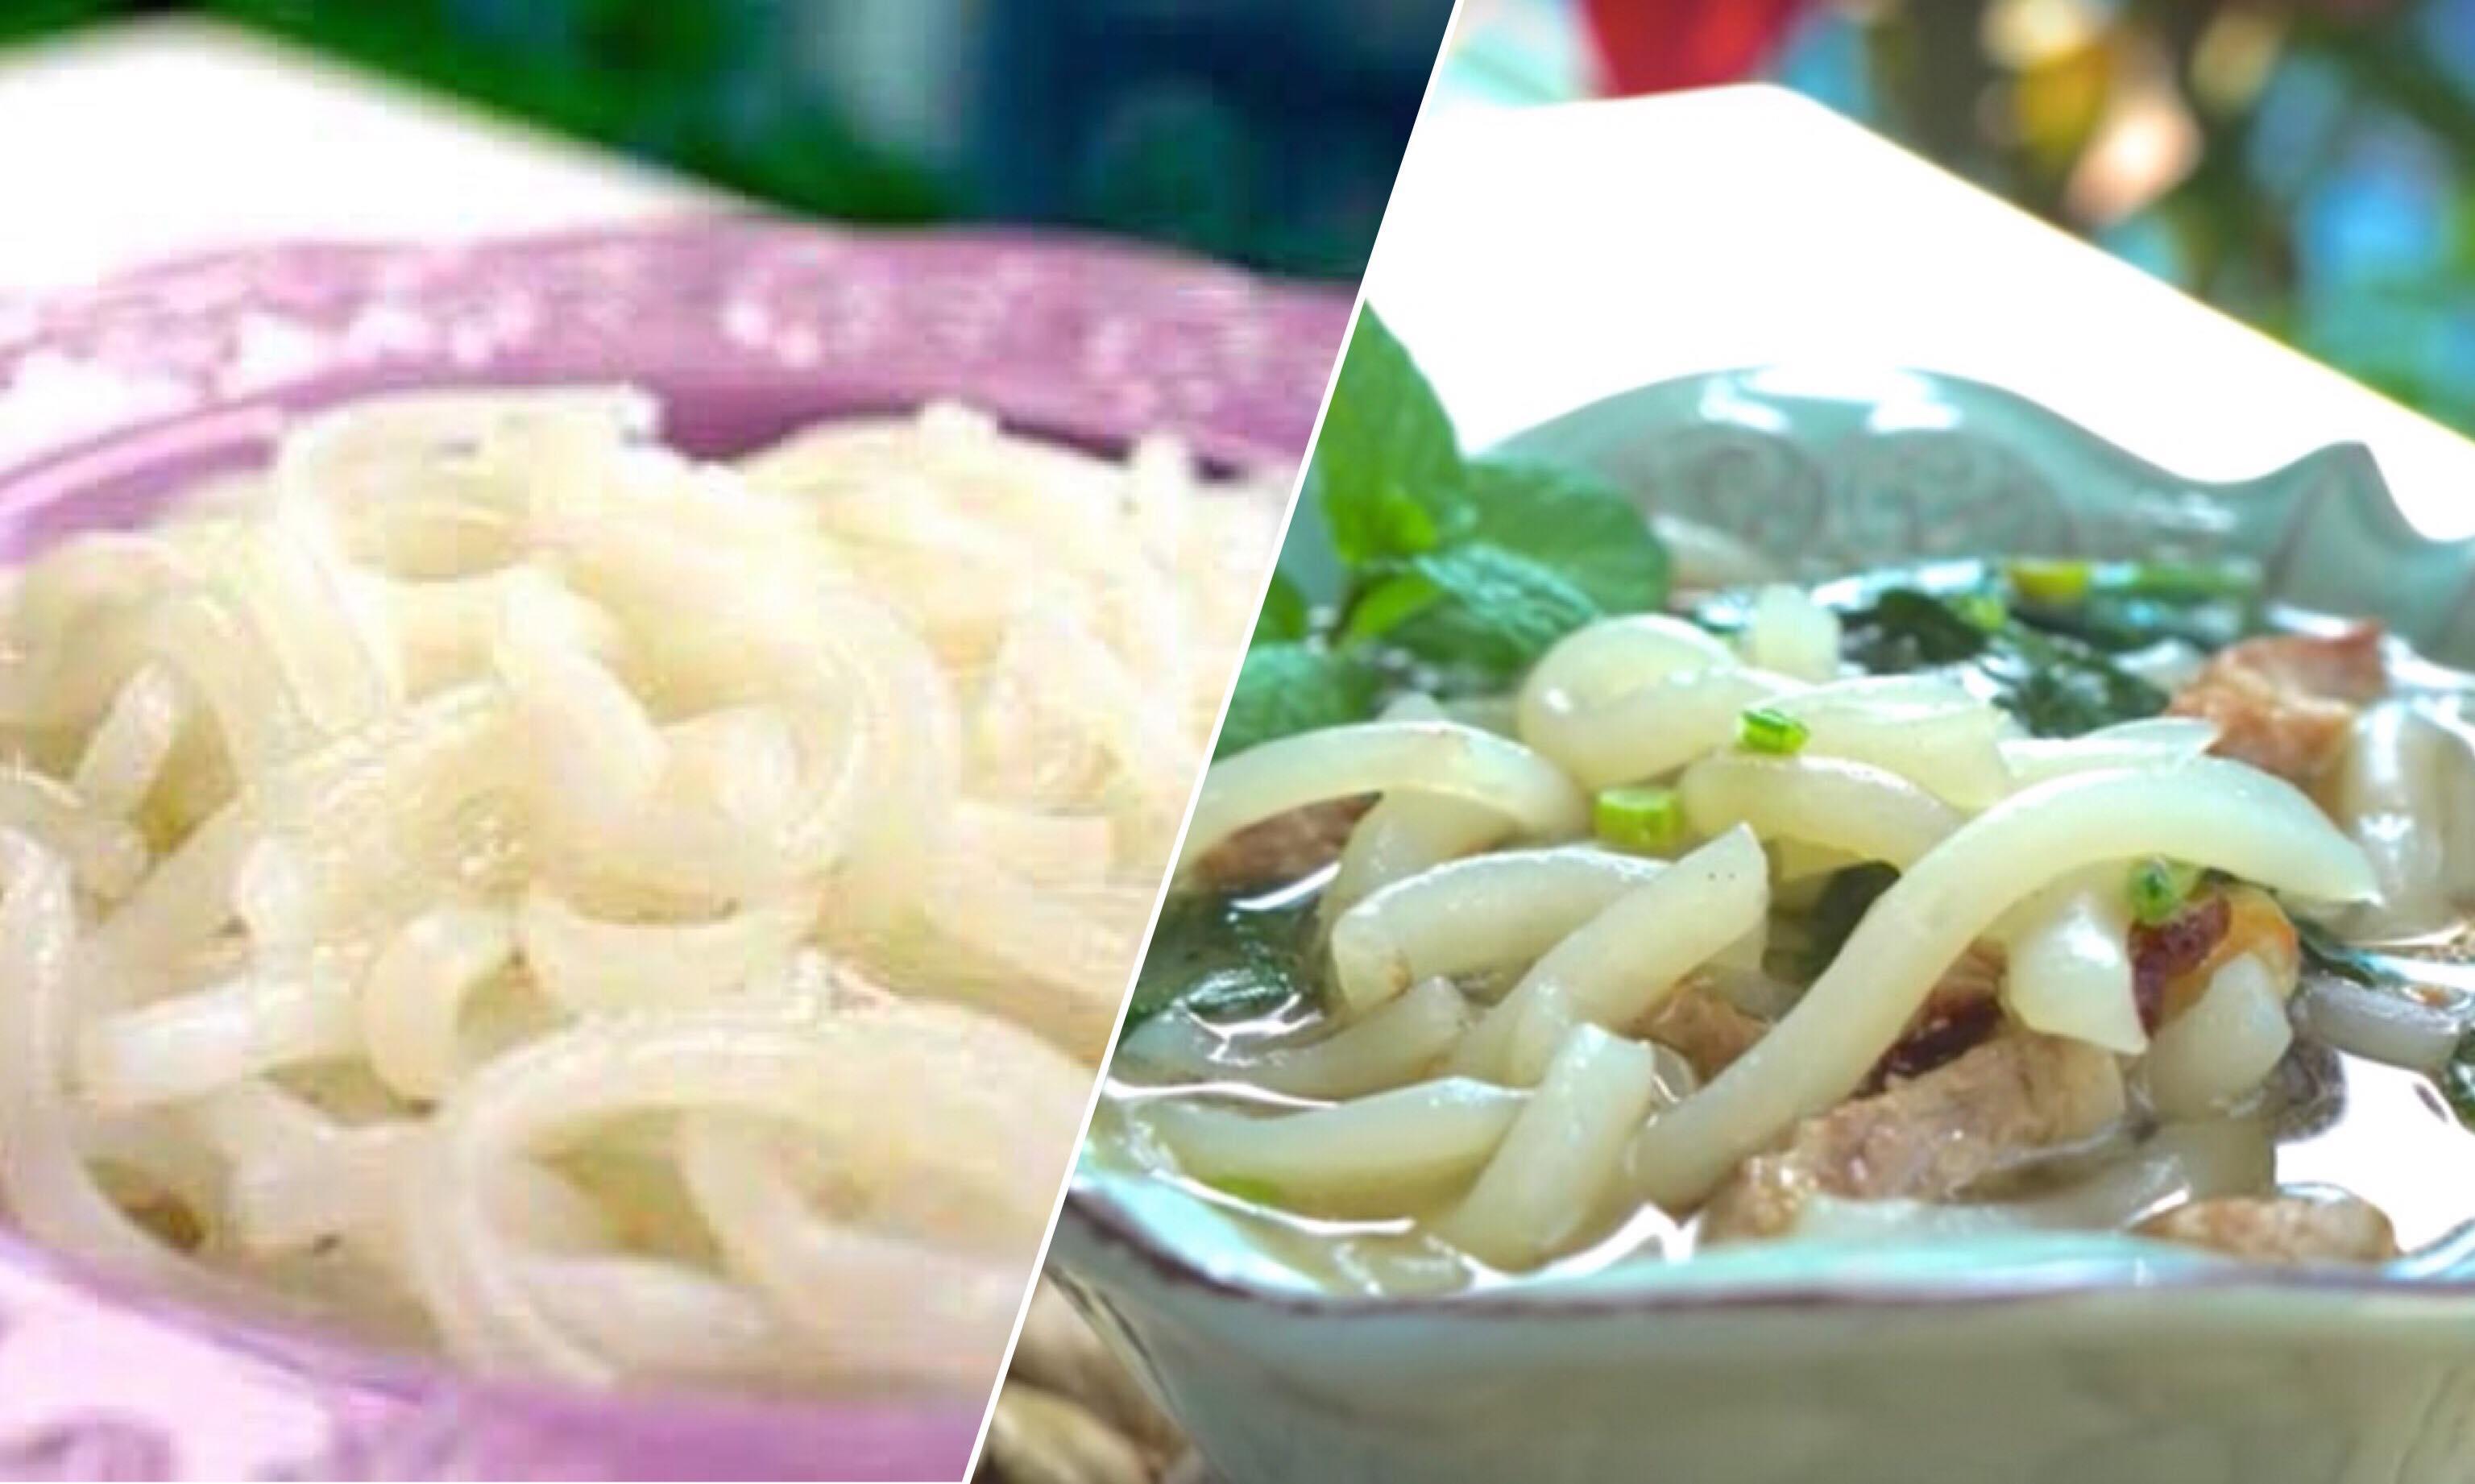 「純手工米苔目/鹹米苔目是這樣做的!」傳統手工做法讓口感更Q彈,還可以甜鹹兩吃!